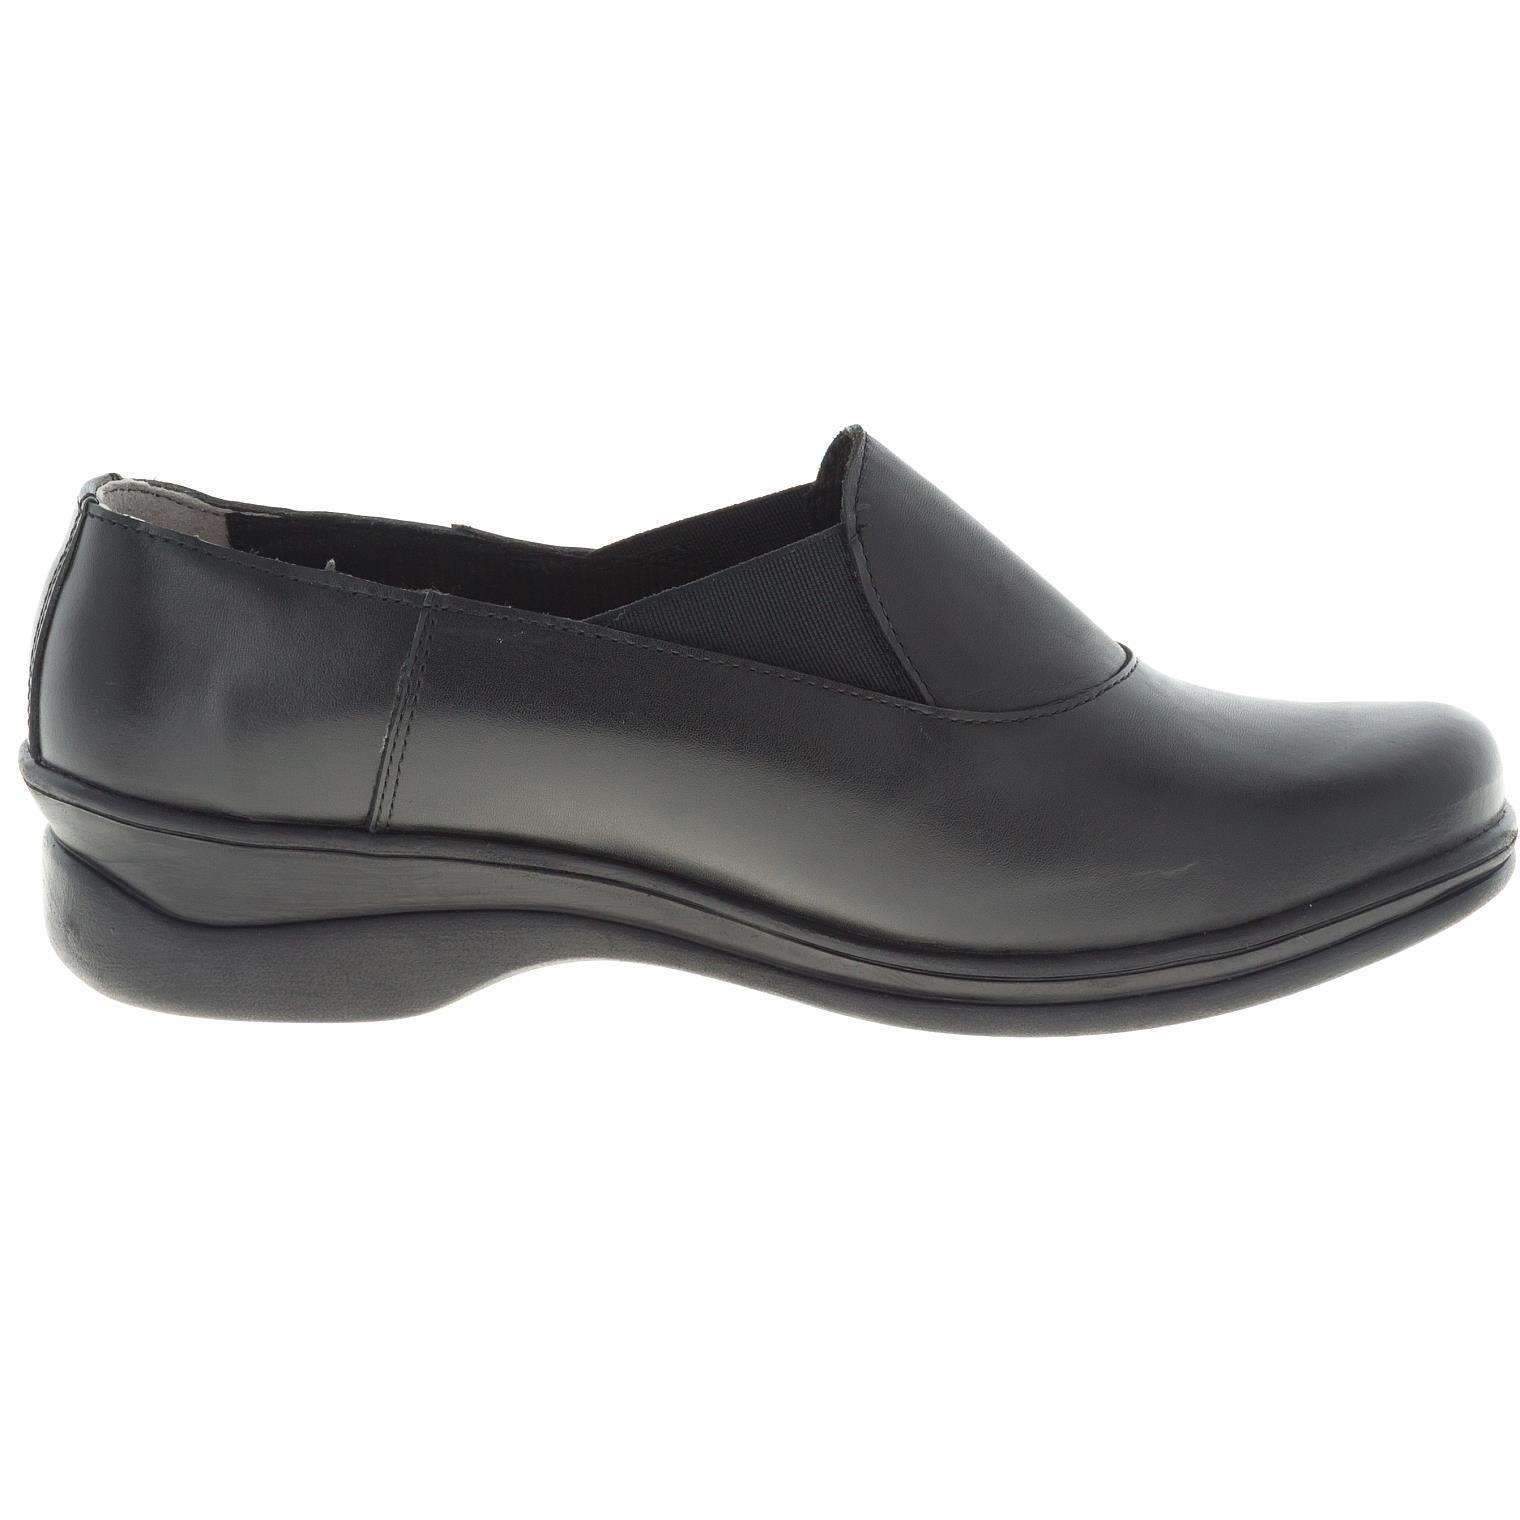 386348 туфли женские больших размеров марки Делфино